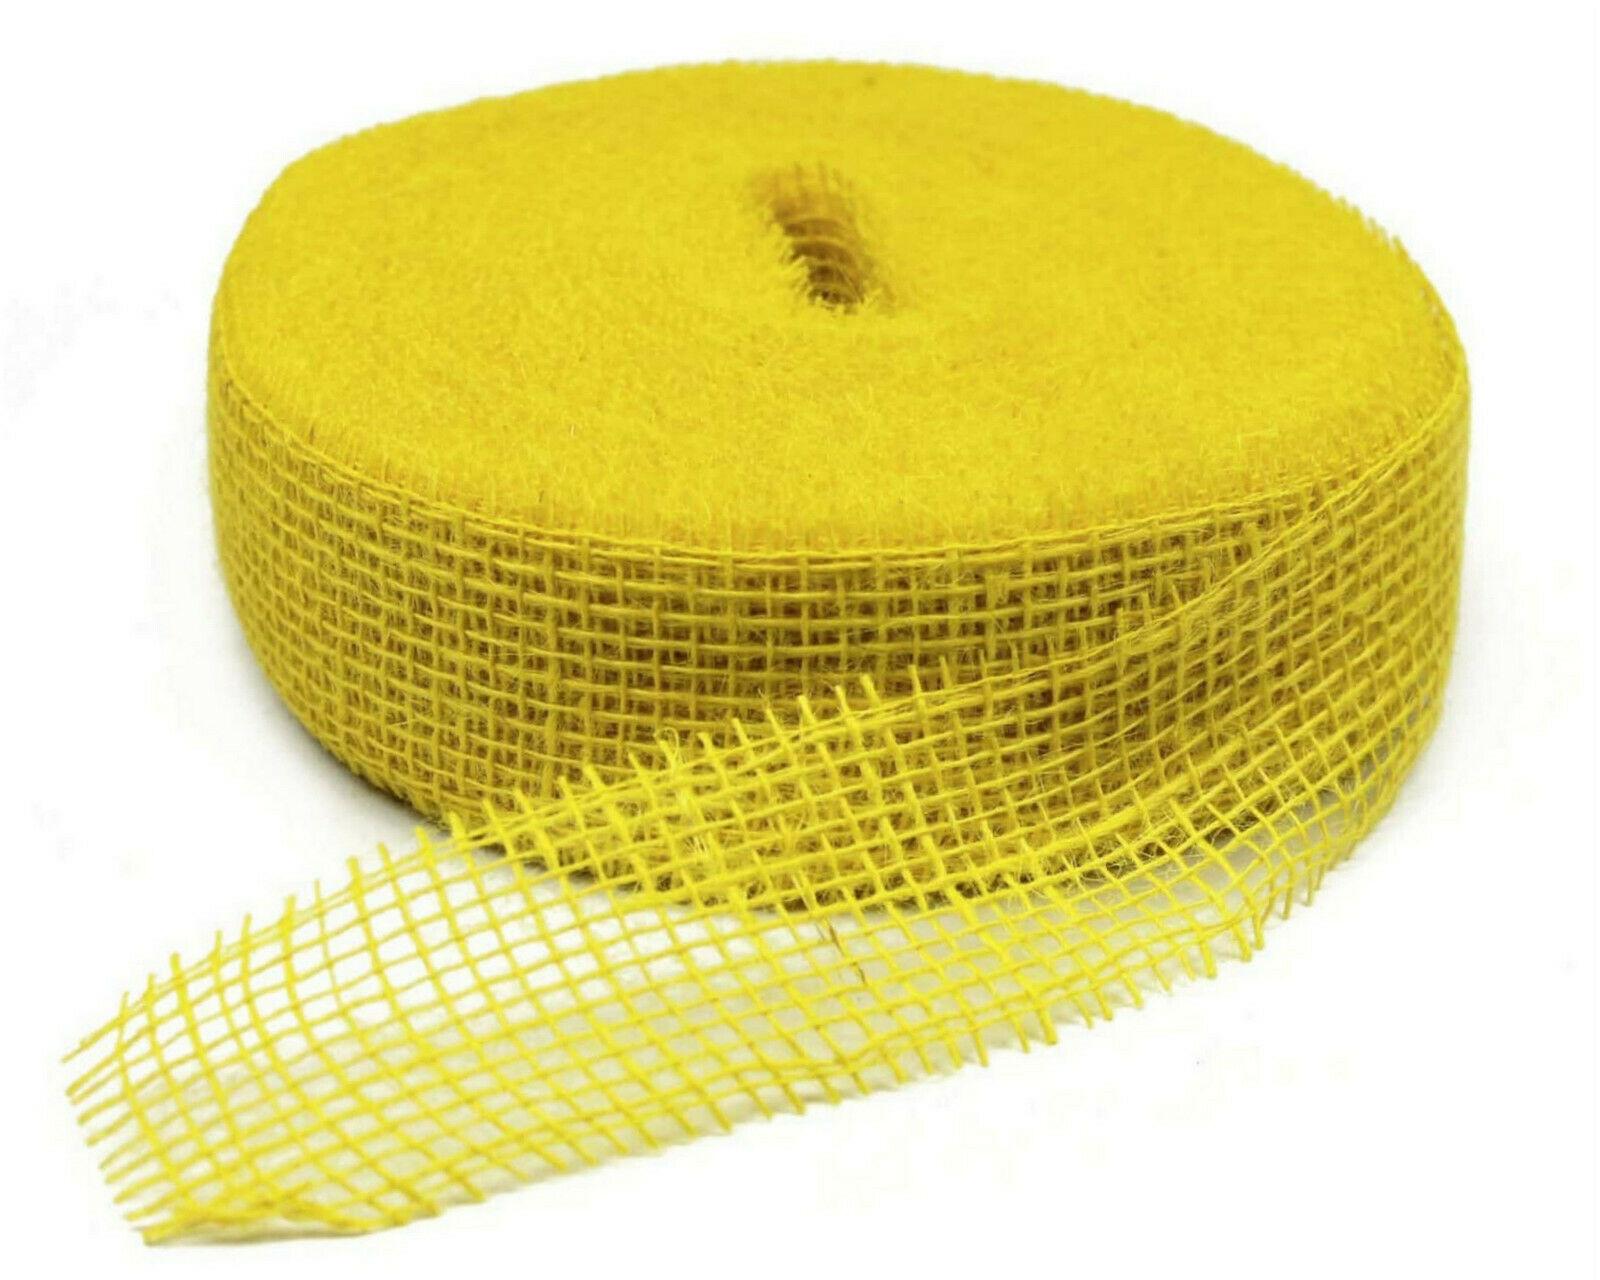 Juteband 40 m x 5 cm Dekoband ab 0,20 €/m Jute Rolle Schleifenband Rupfen Band - gelb (hart) 40 m